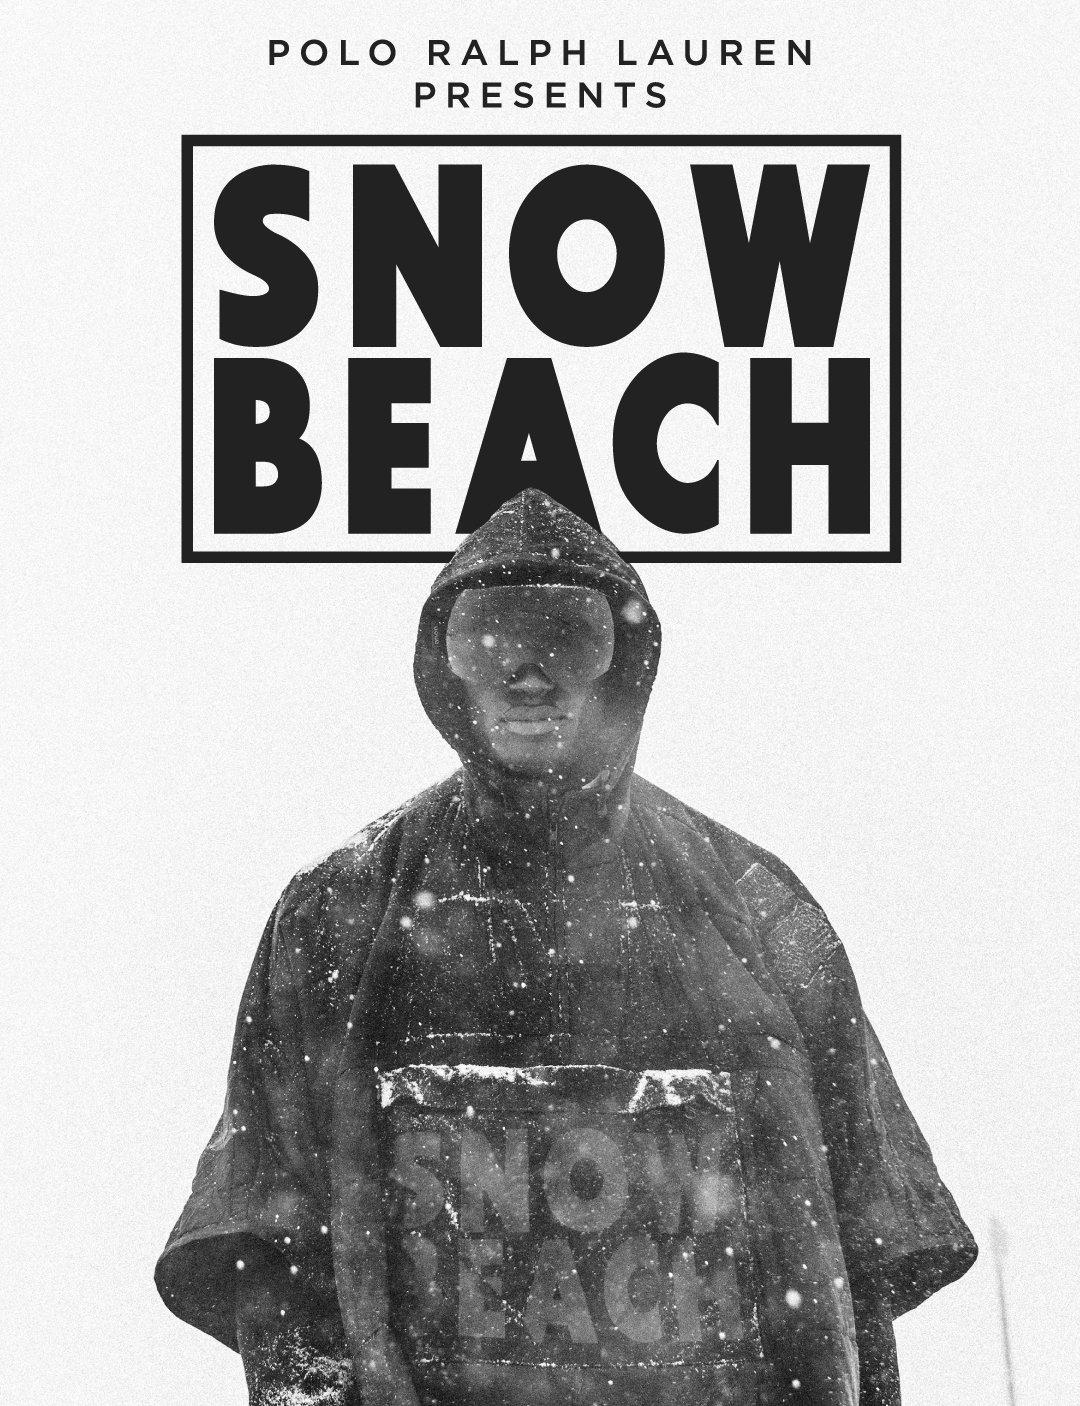 Caliroots  KILLER NIKE RELEASES — MORE POLO RALPH LAUREN SNOW BEACH ... bcea6e4feca9